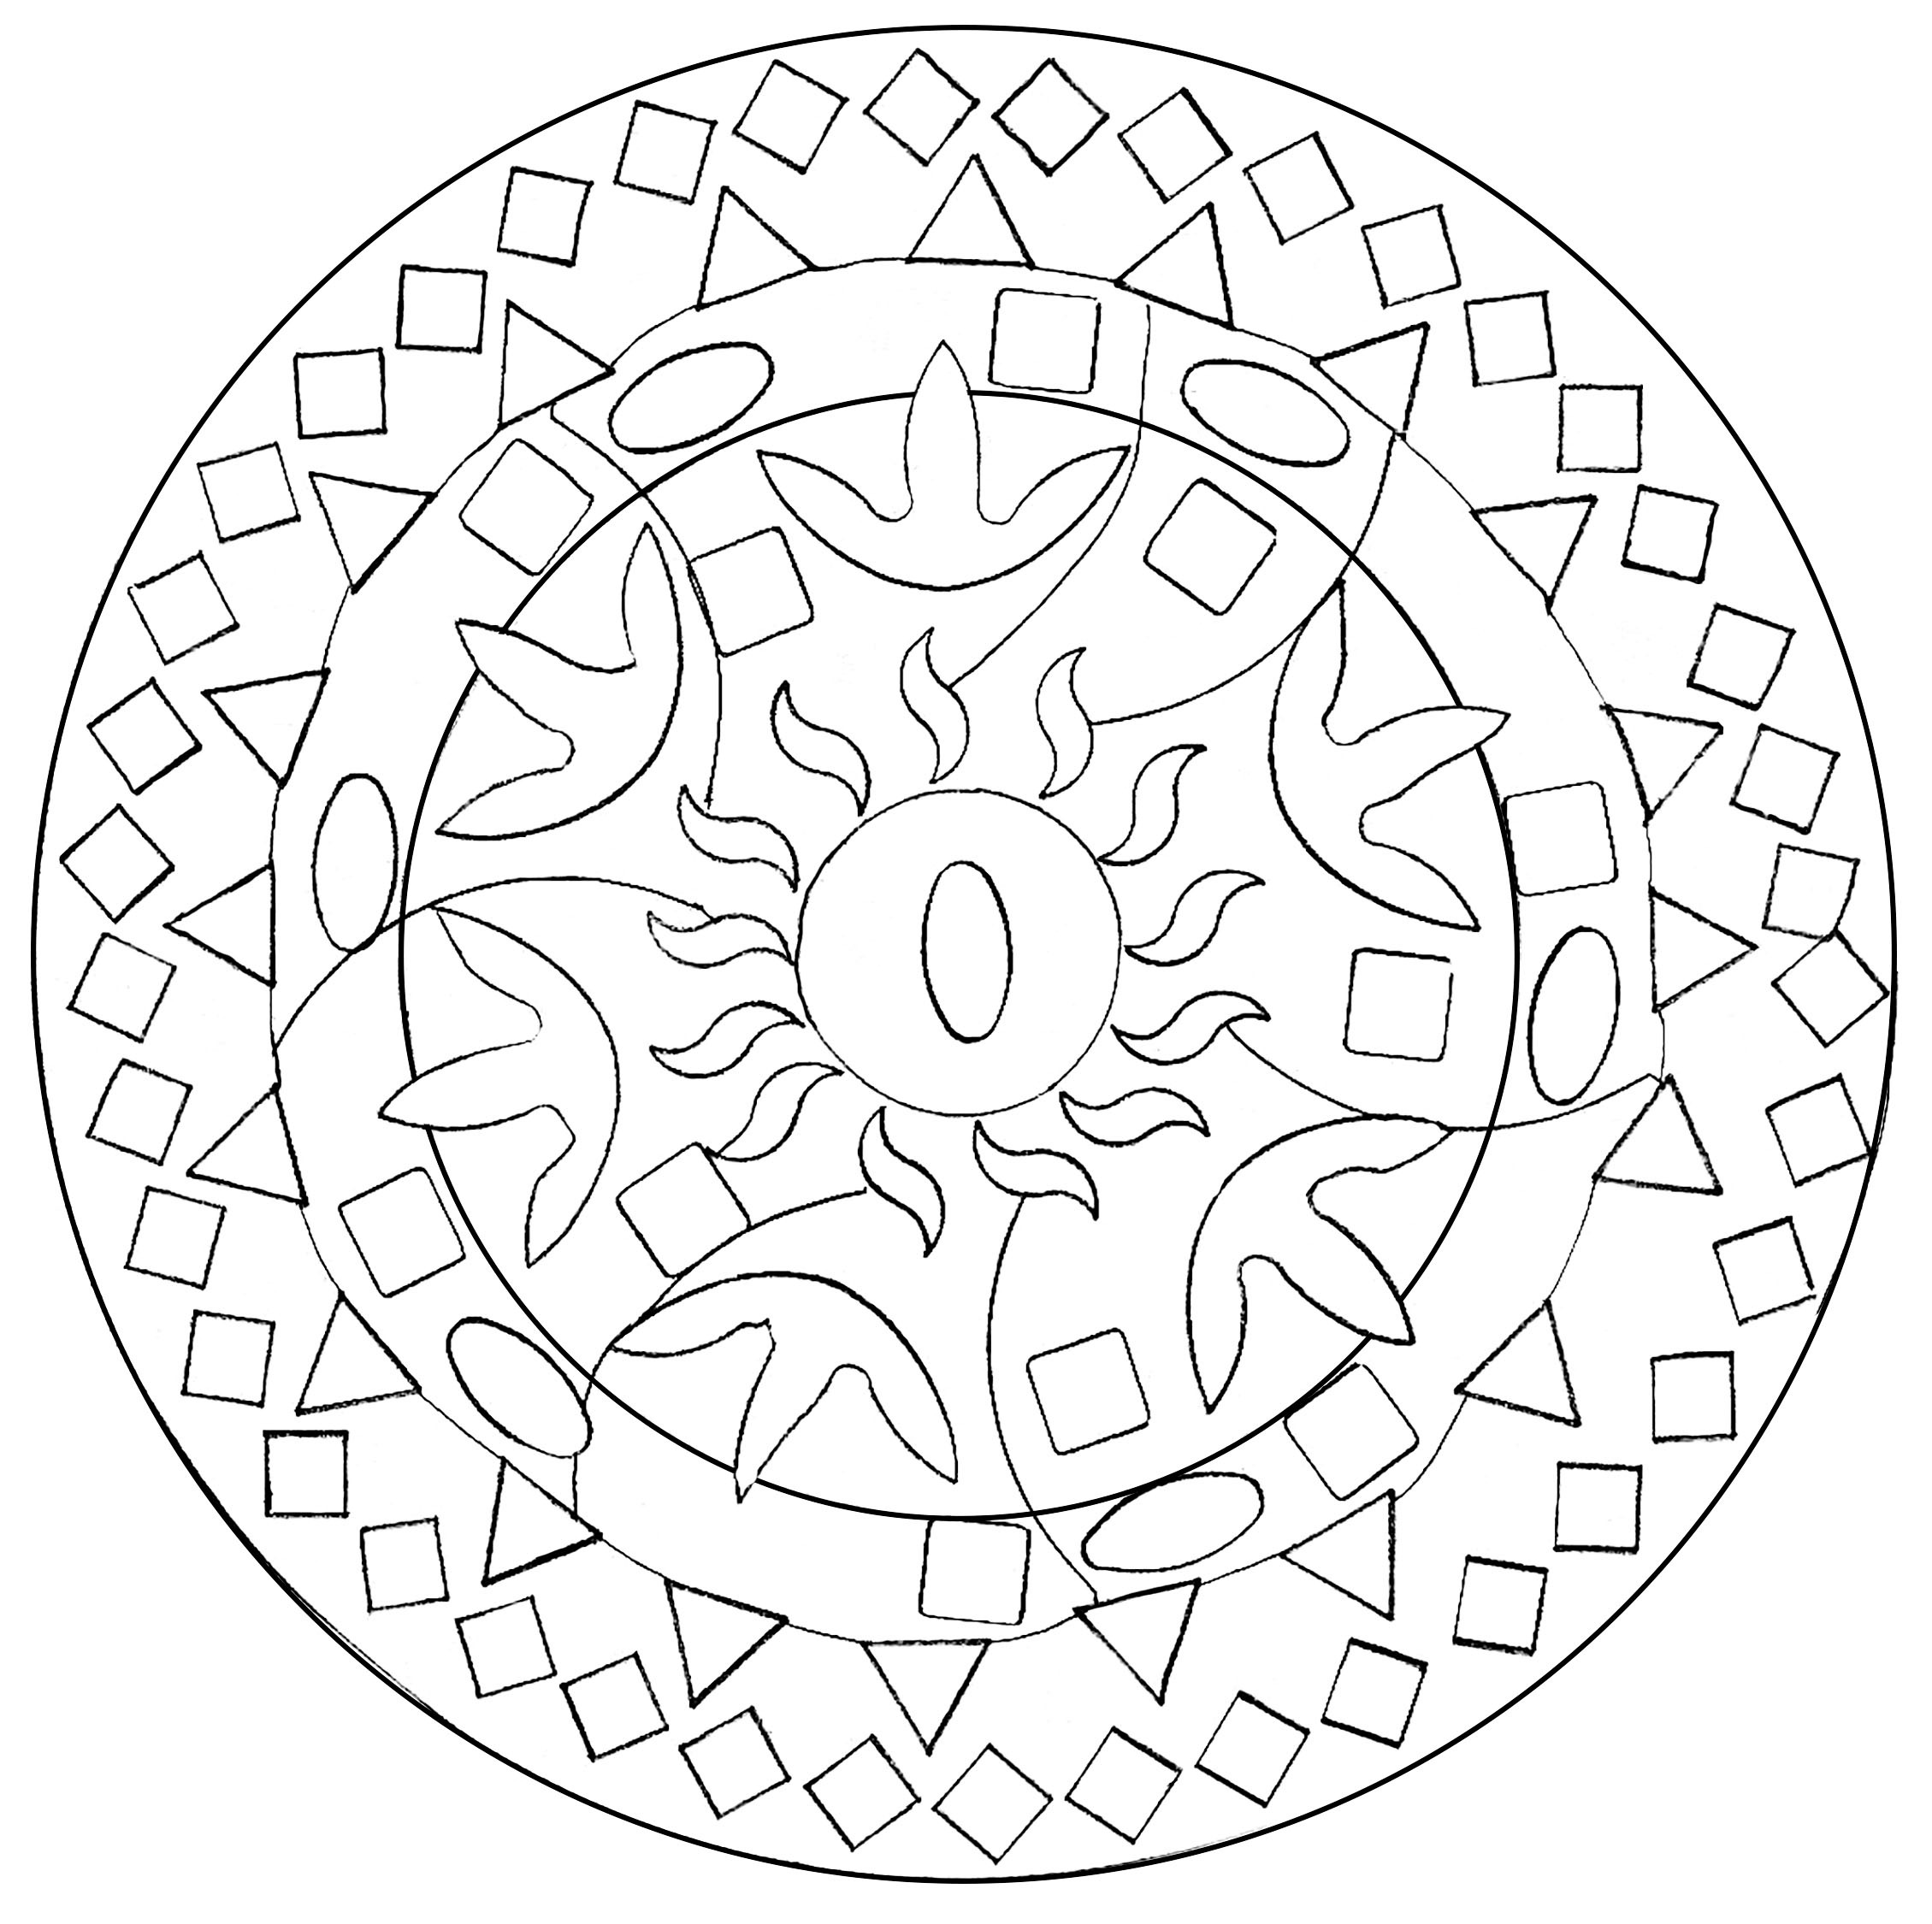 Disegni da colorare per adulti : Mandalas - 155